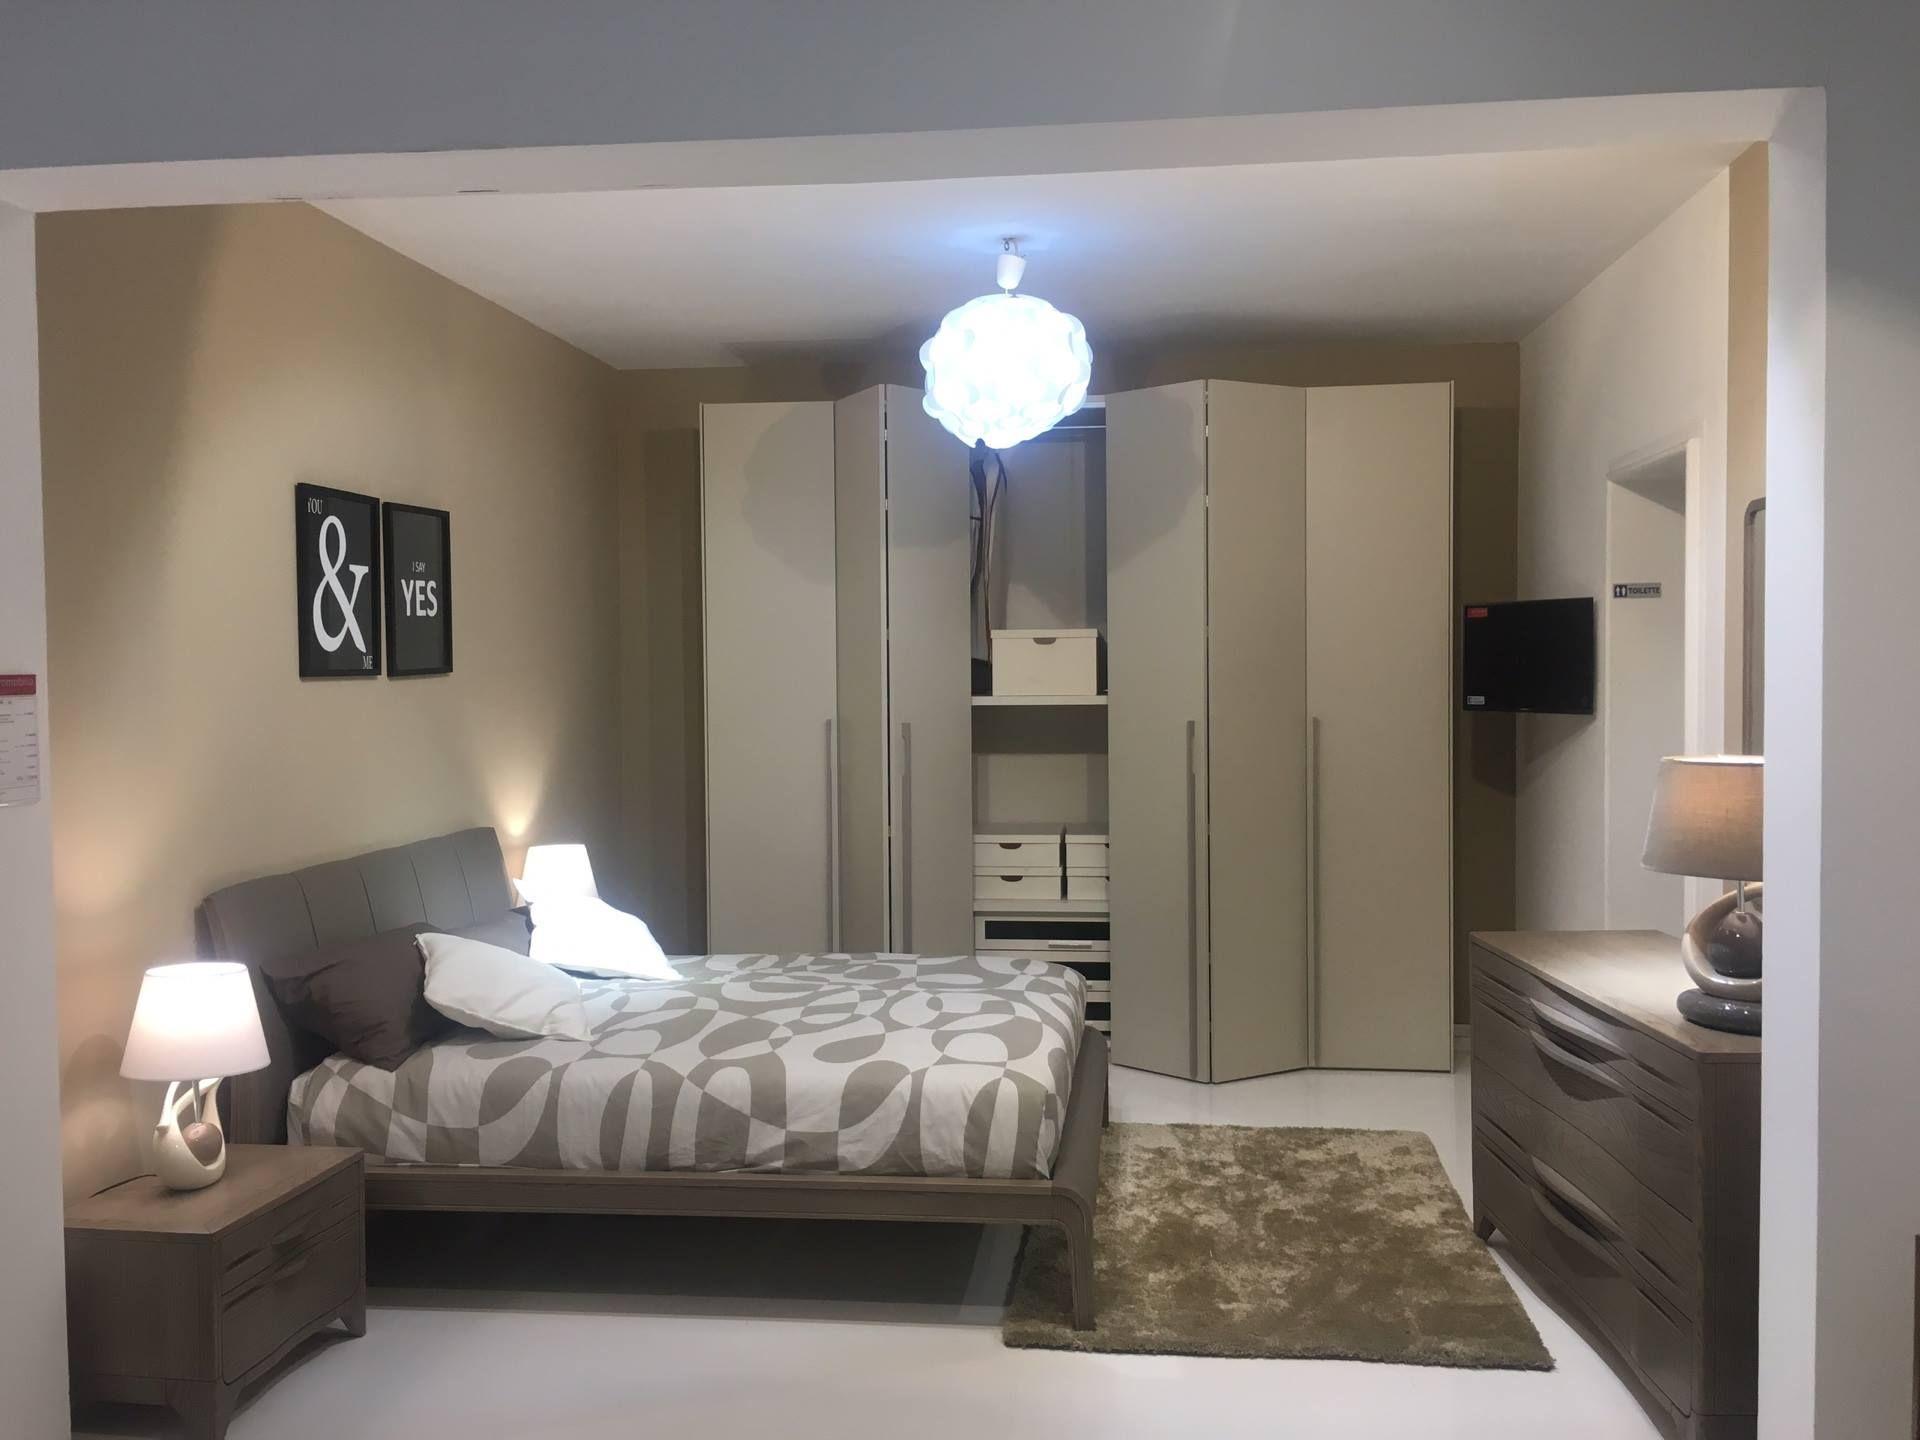 🔥 offerta - camera da letto completa di armadio a soffietto, comò ... - Camera Da Letto Completa Offerta